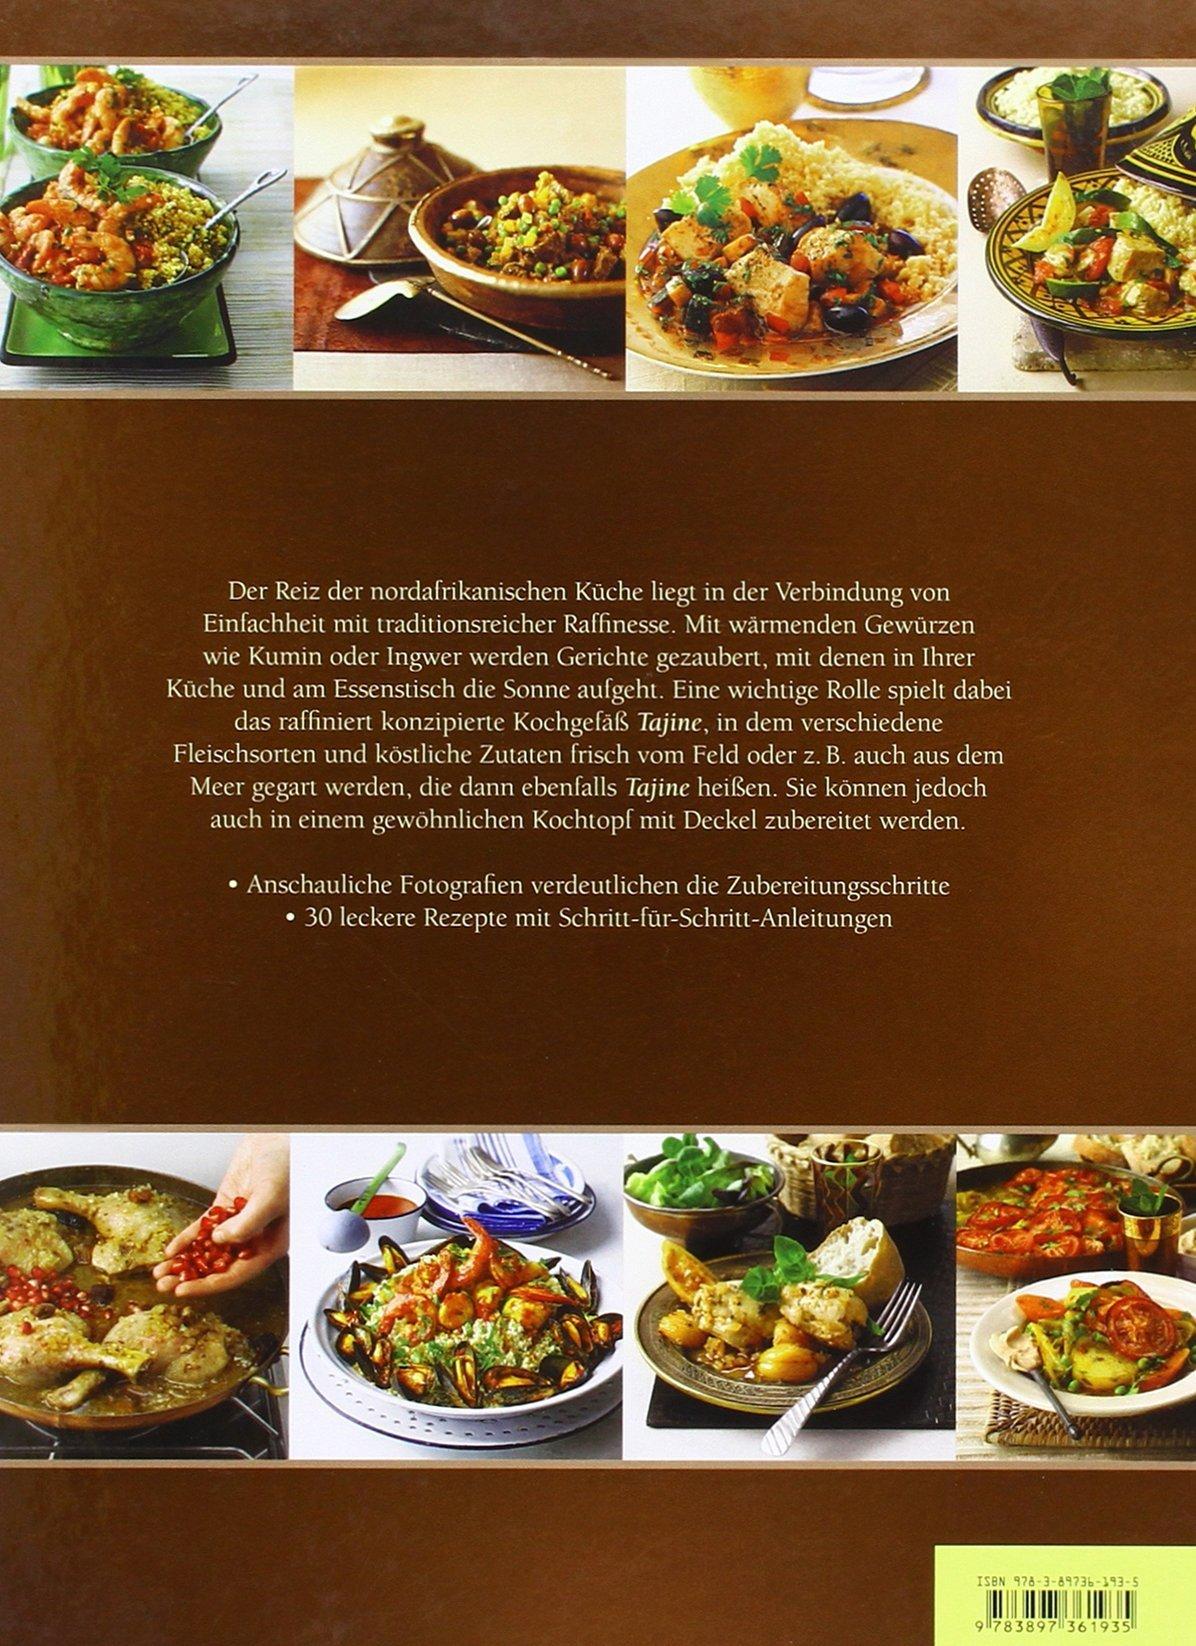 Tuareg Ø 26cm unglasiert inklusive Kochbuch Vegetarischer Genuss aus Nordafrika original aus Marokko handgetöpfert aus Marrakesch frei von Schadstoffe Tuareg Ø 26cm für 1-3 Personen Tajine für 1-3 Personen Tontopf zum Kochen